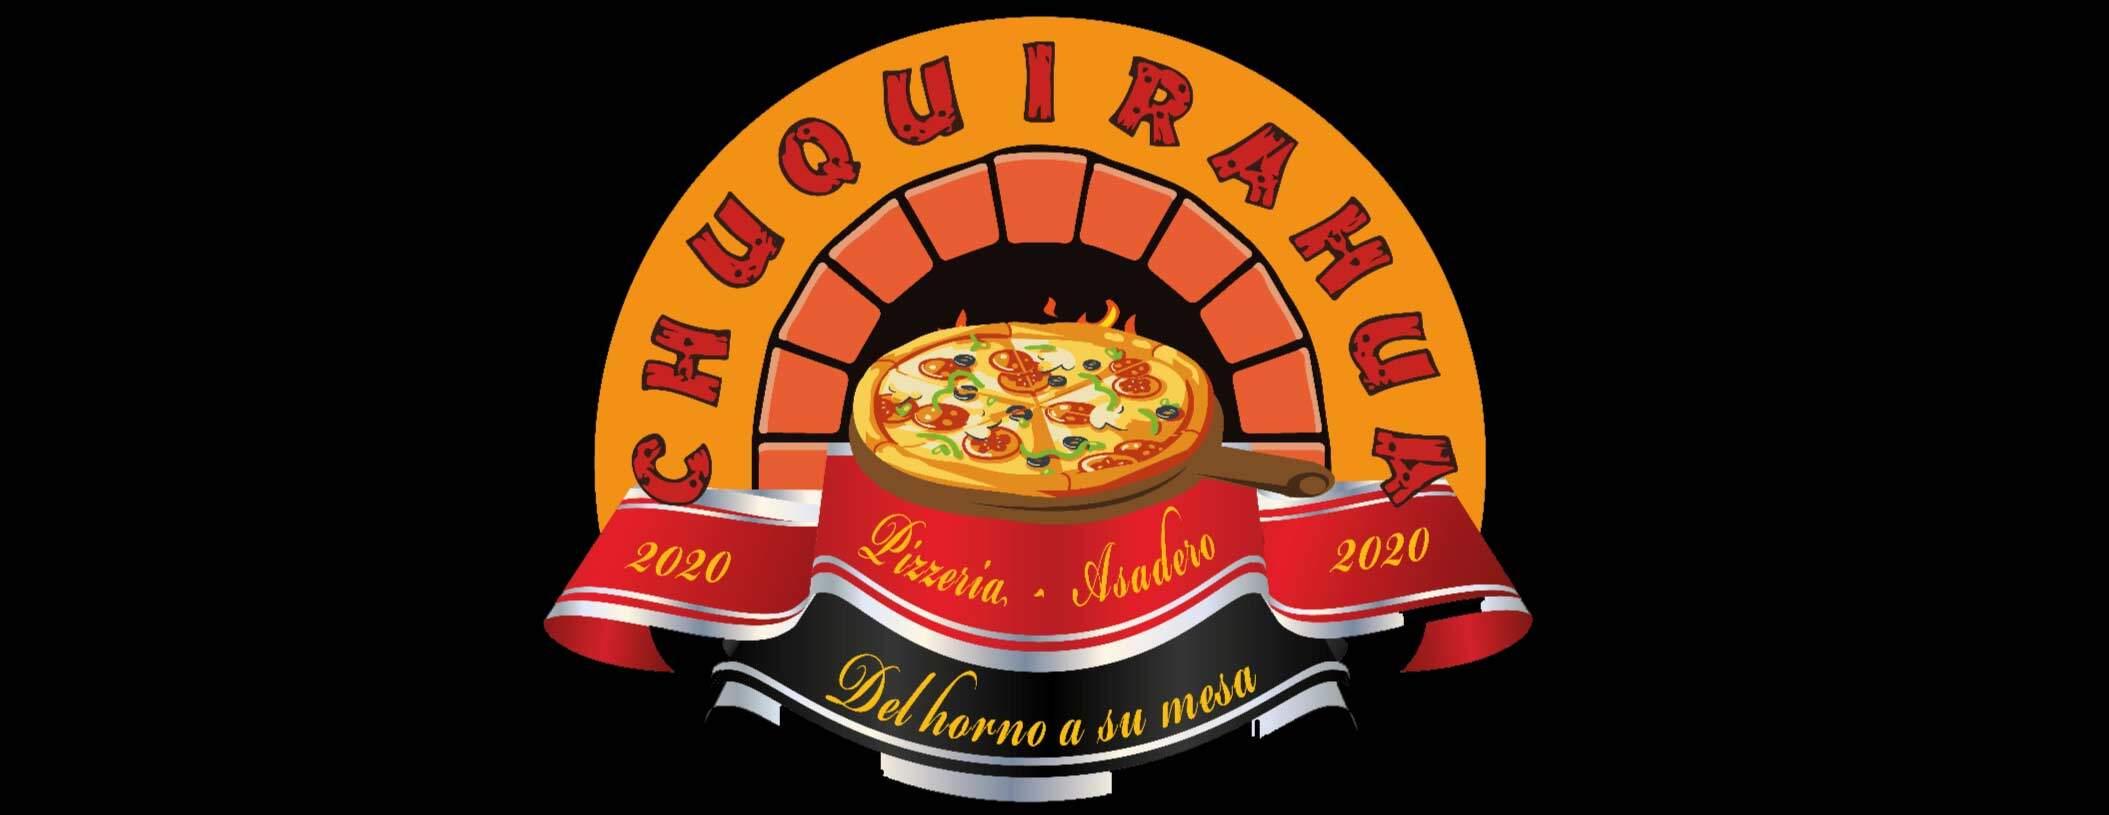 pizza a domicilio riobamba